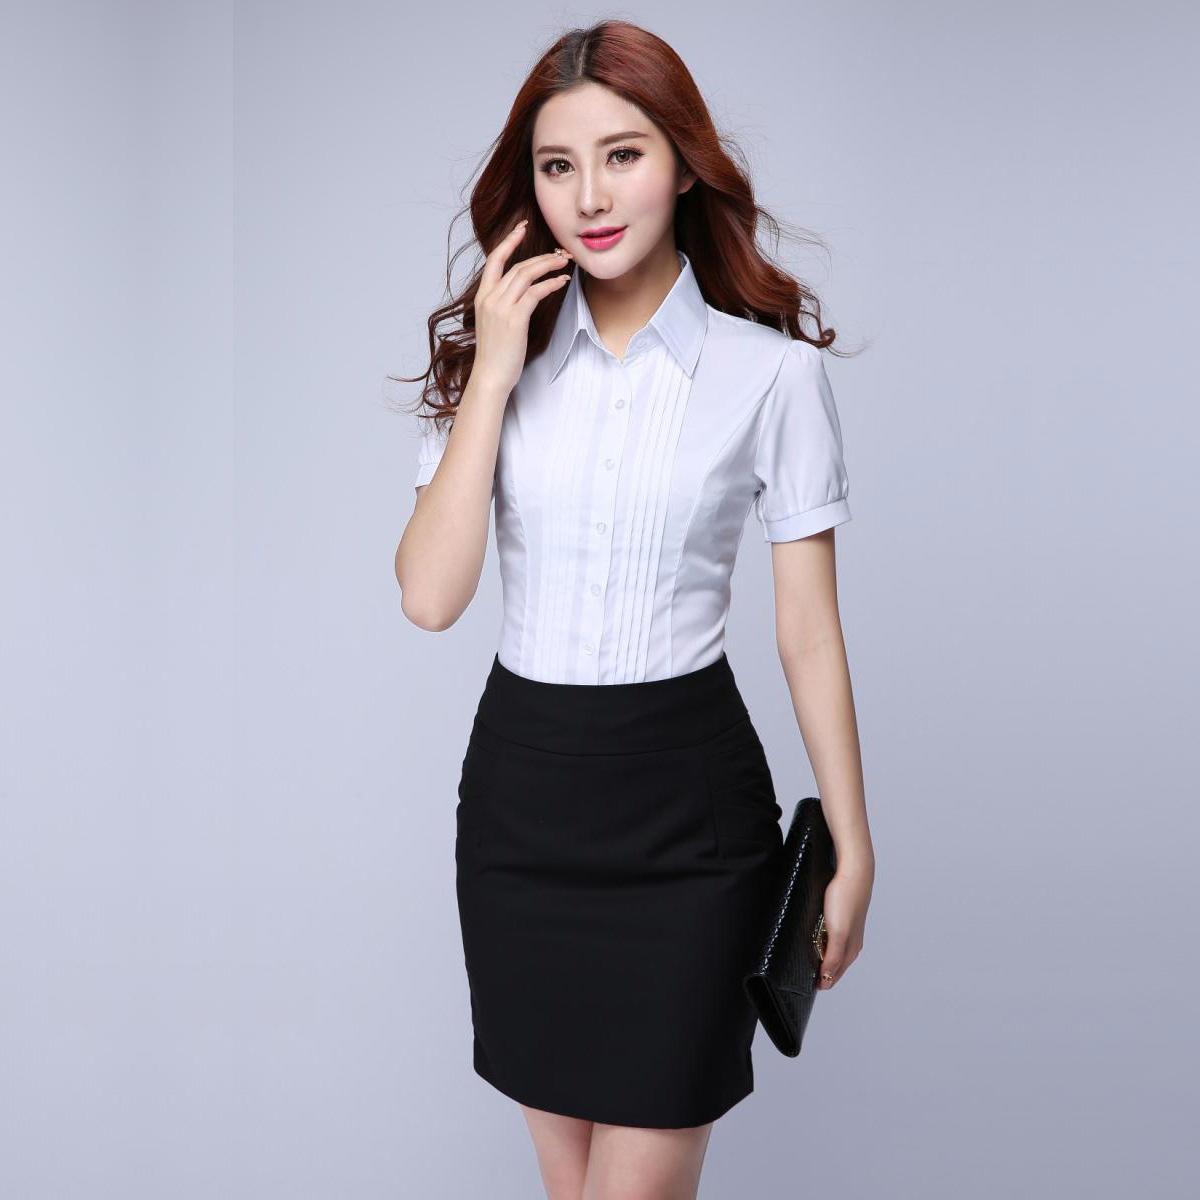 大码雪纺短袖上衣职业装半袖白衬衣正装工作服工装泡泡袖衬衫女夏